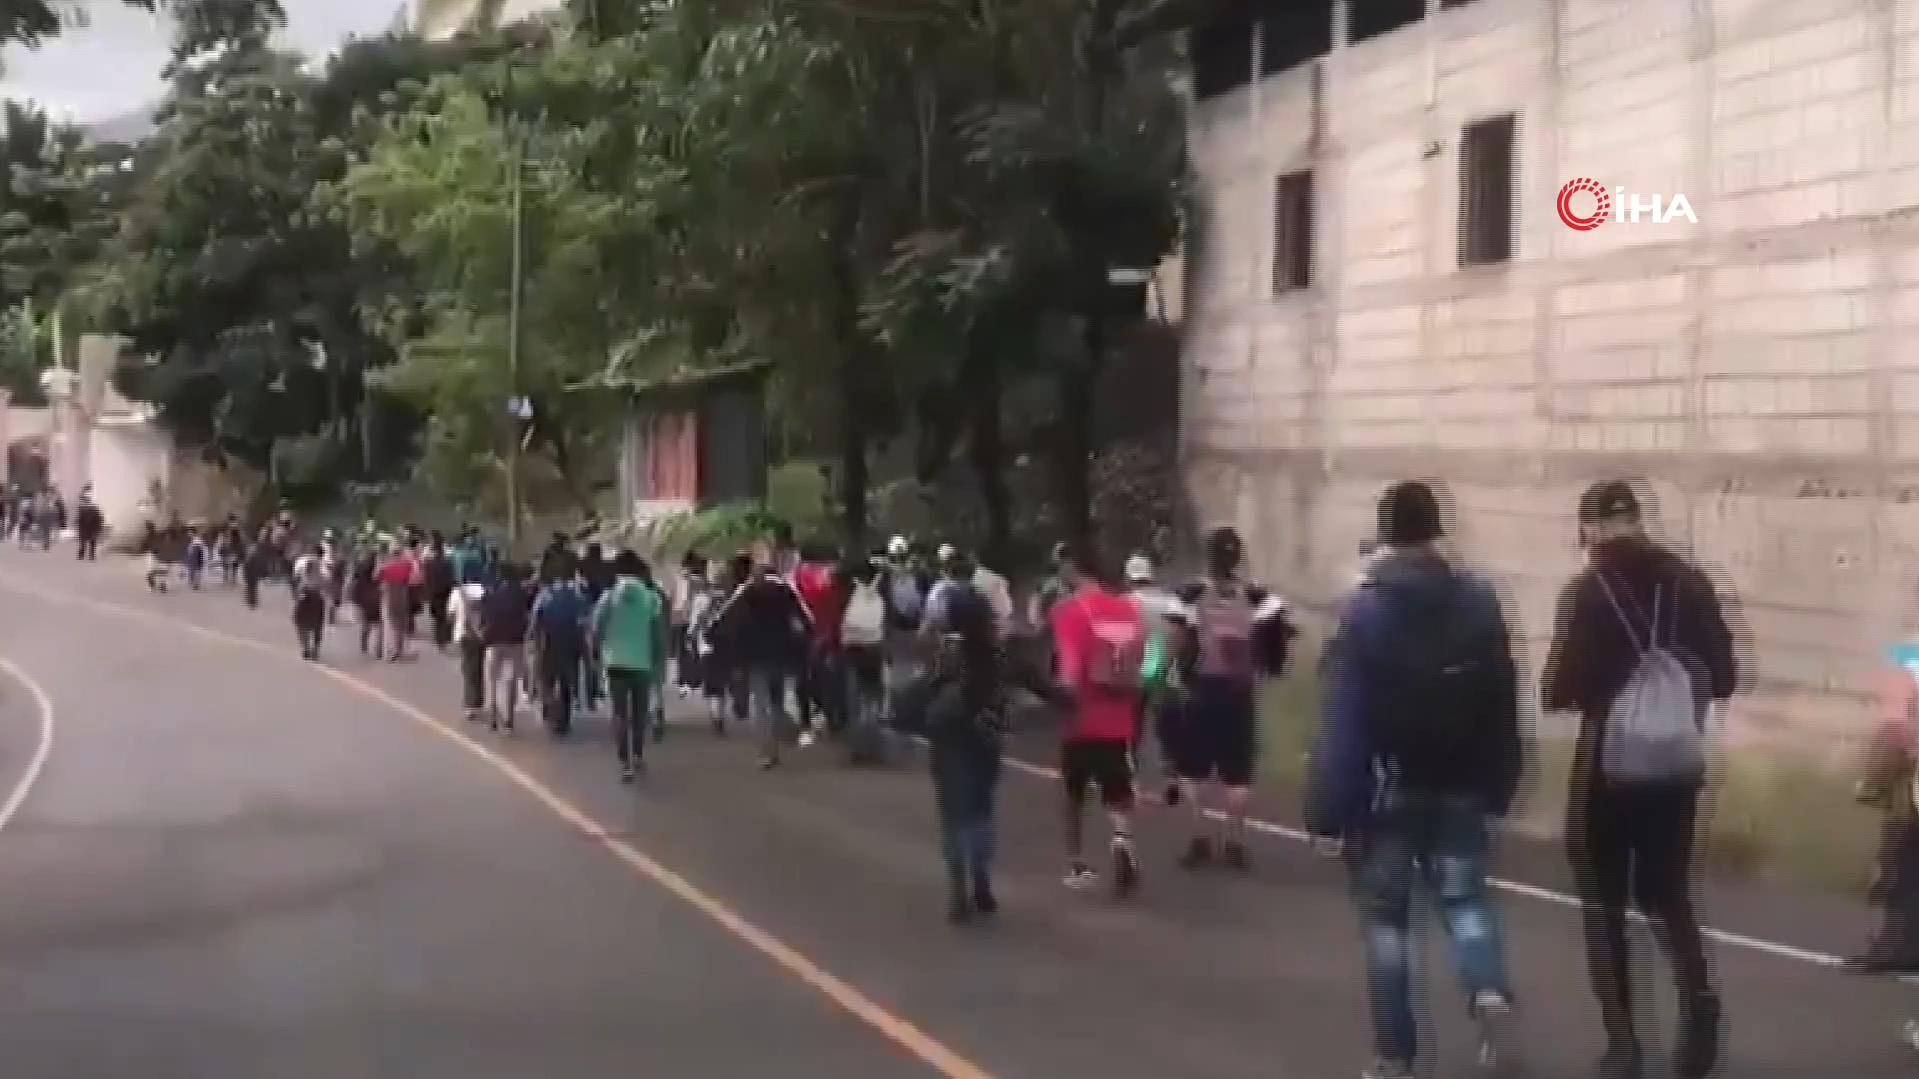 Meksika alarma geçti! Binlerce kişi ABD'ye ulaşmak için yollara döküldü